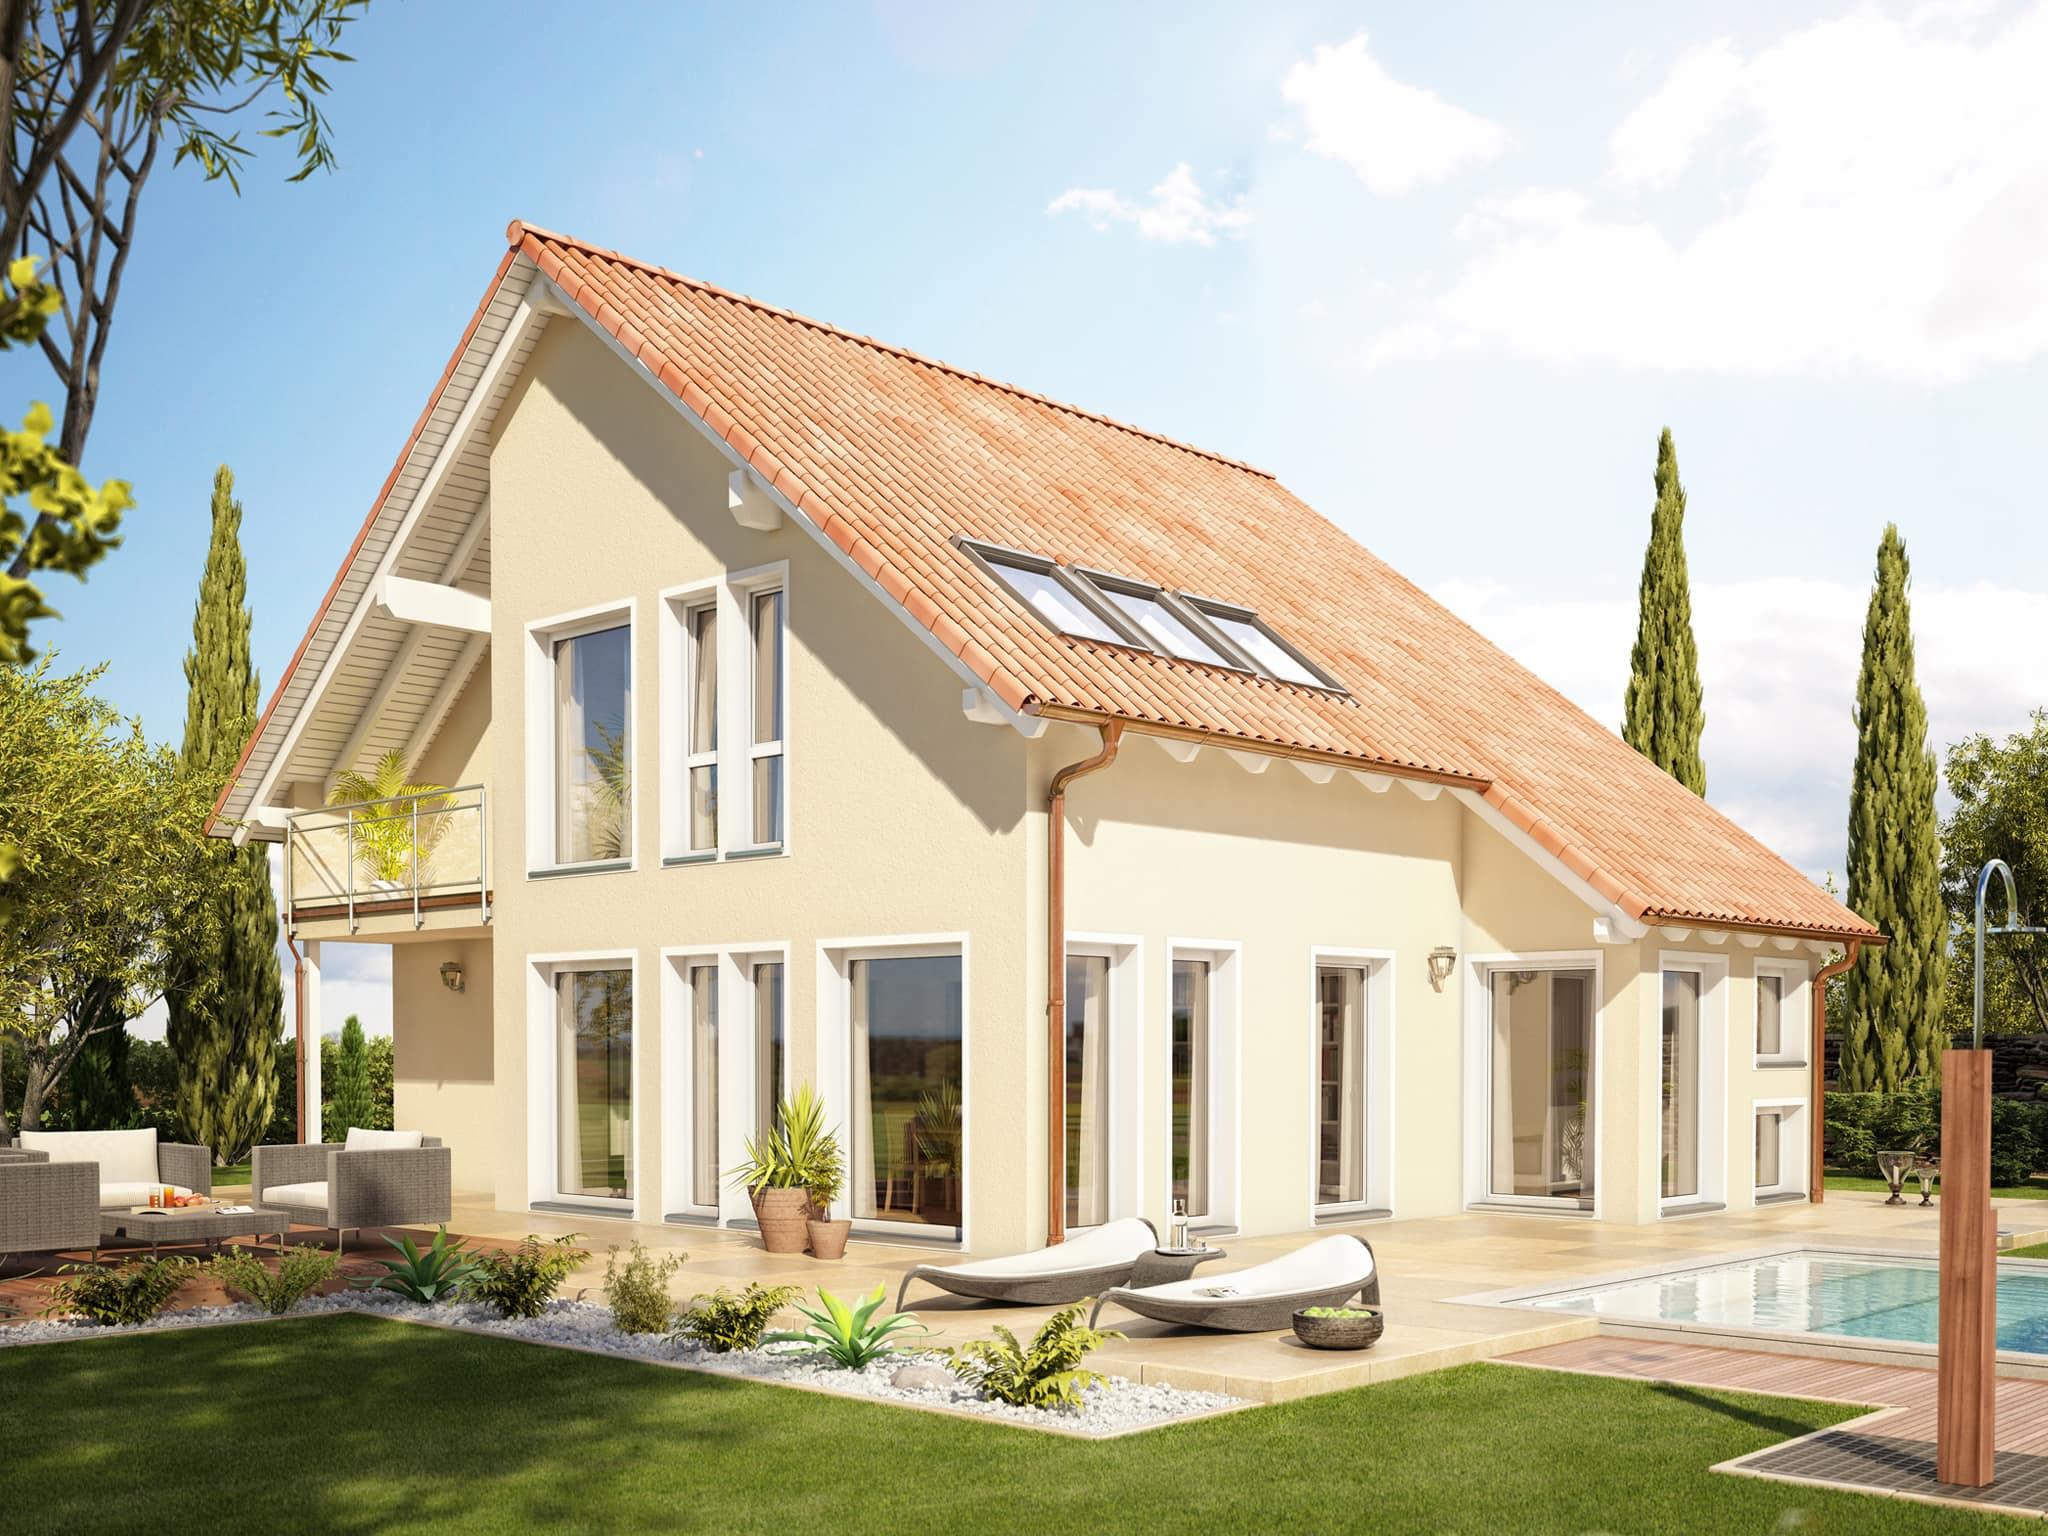 Einfamilienhaus mediterran mit Satteldach, Wintergarten Erker & Balkon - Haus bauen Ideen Bien Zenker Fertighaus EVOLUTION 139 V3 - HausbauDirekt.de